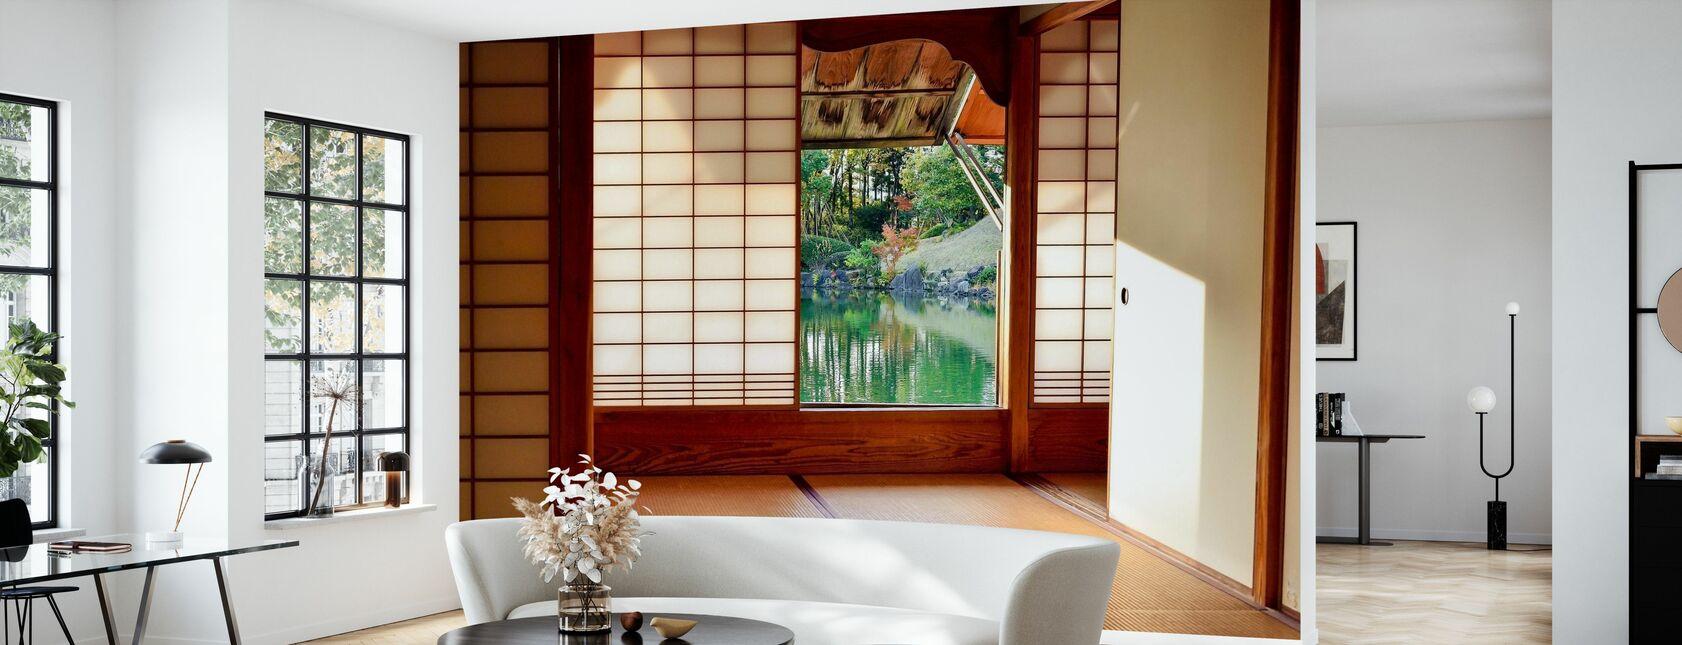 Japanisches Zimmer - Tapete - Wohnzimmer